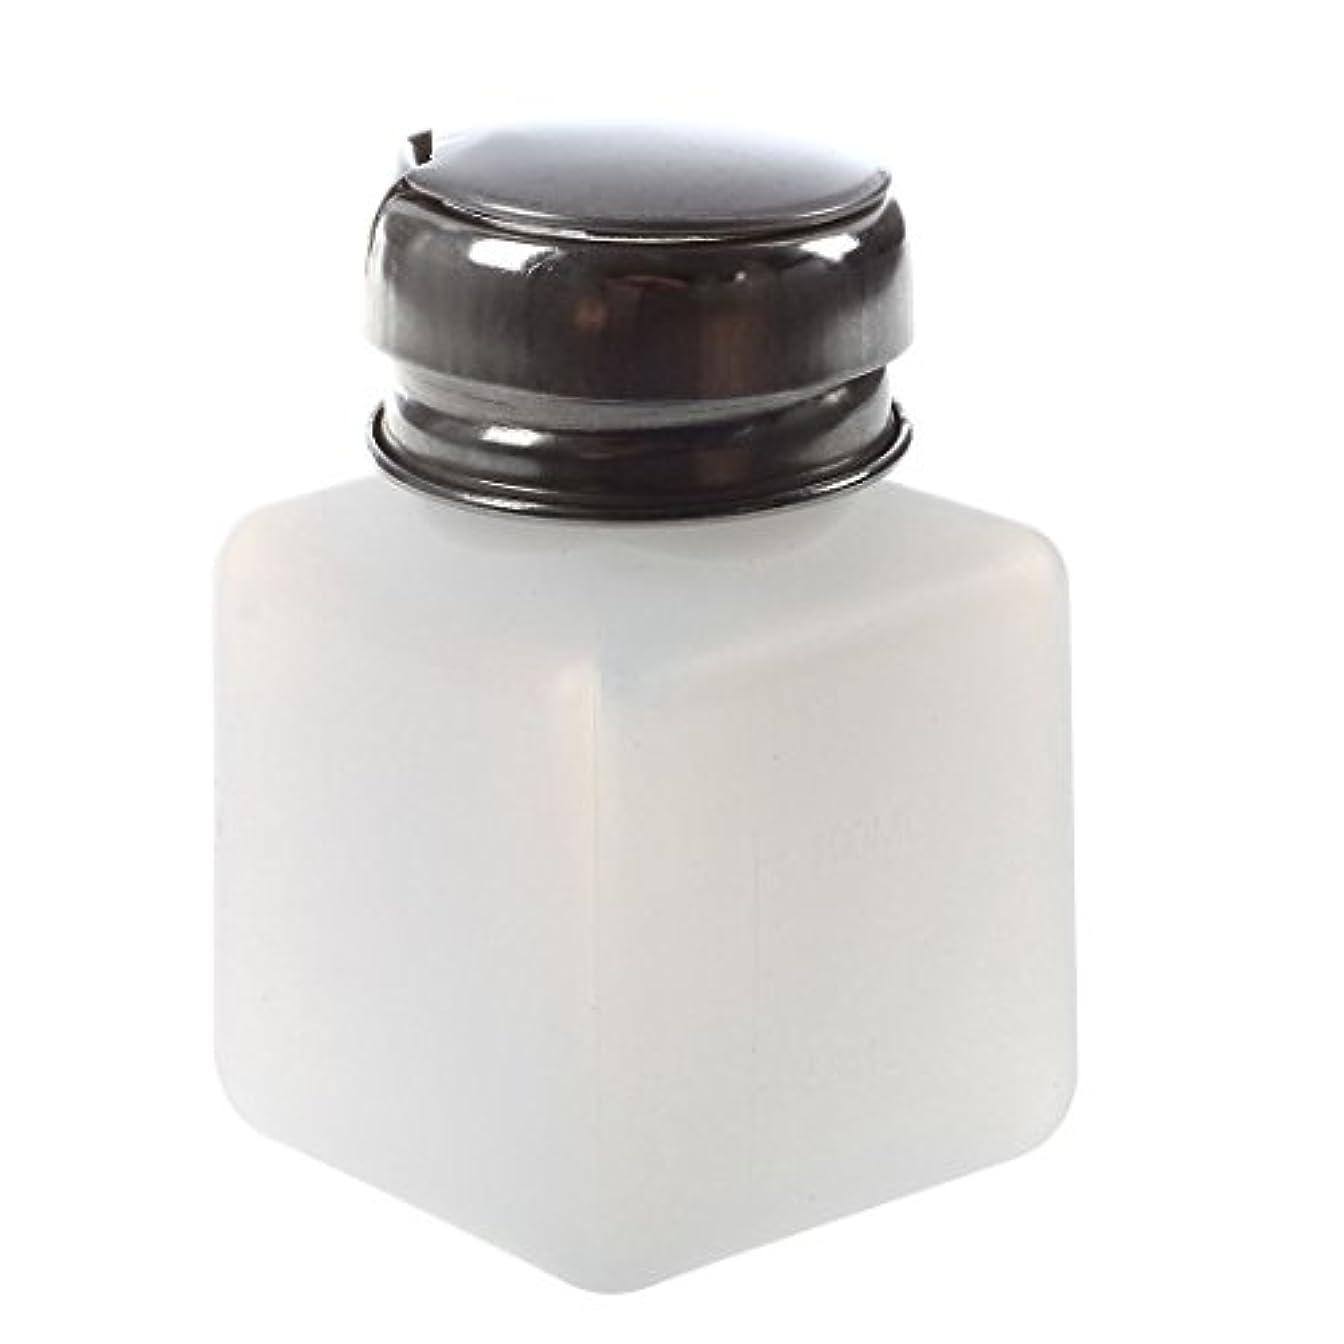 バッジ文明化する高層ビルACAMPTAR エンプティーポンプディスペンサー ネイルアート研磨リムーバー 100MLボトル用 (ホワイト)